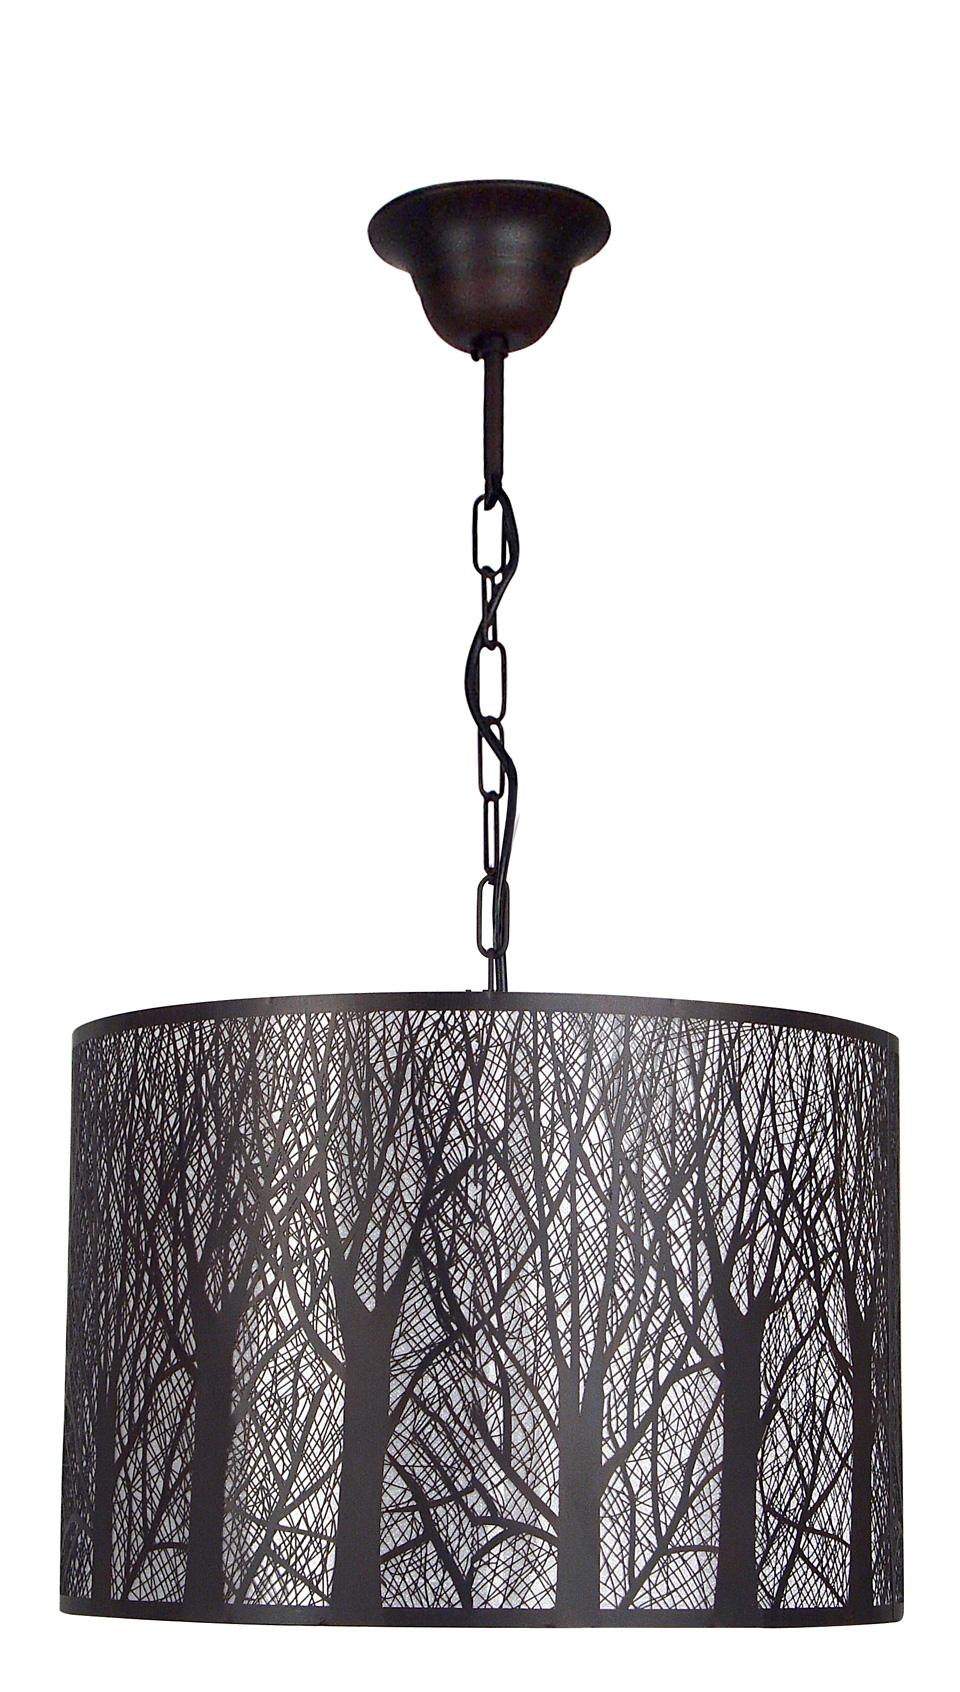 Suspension cylindrique Forêt noire. JP Ryckaert.